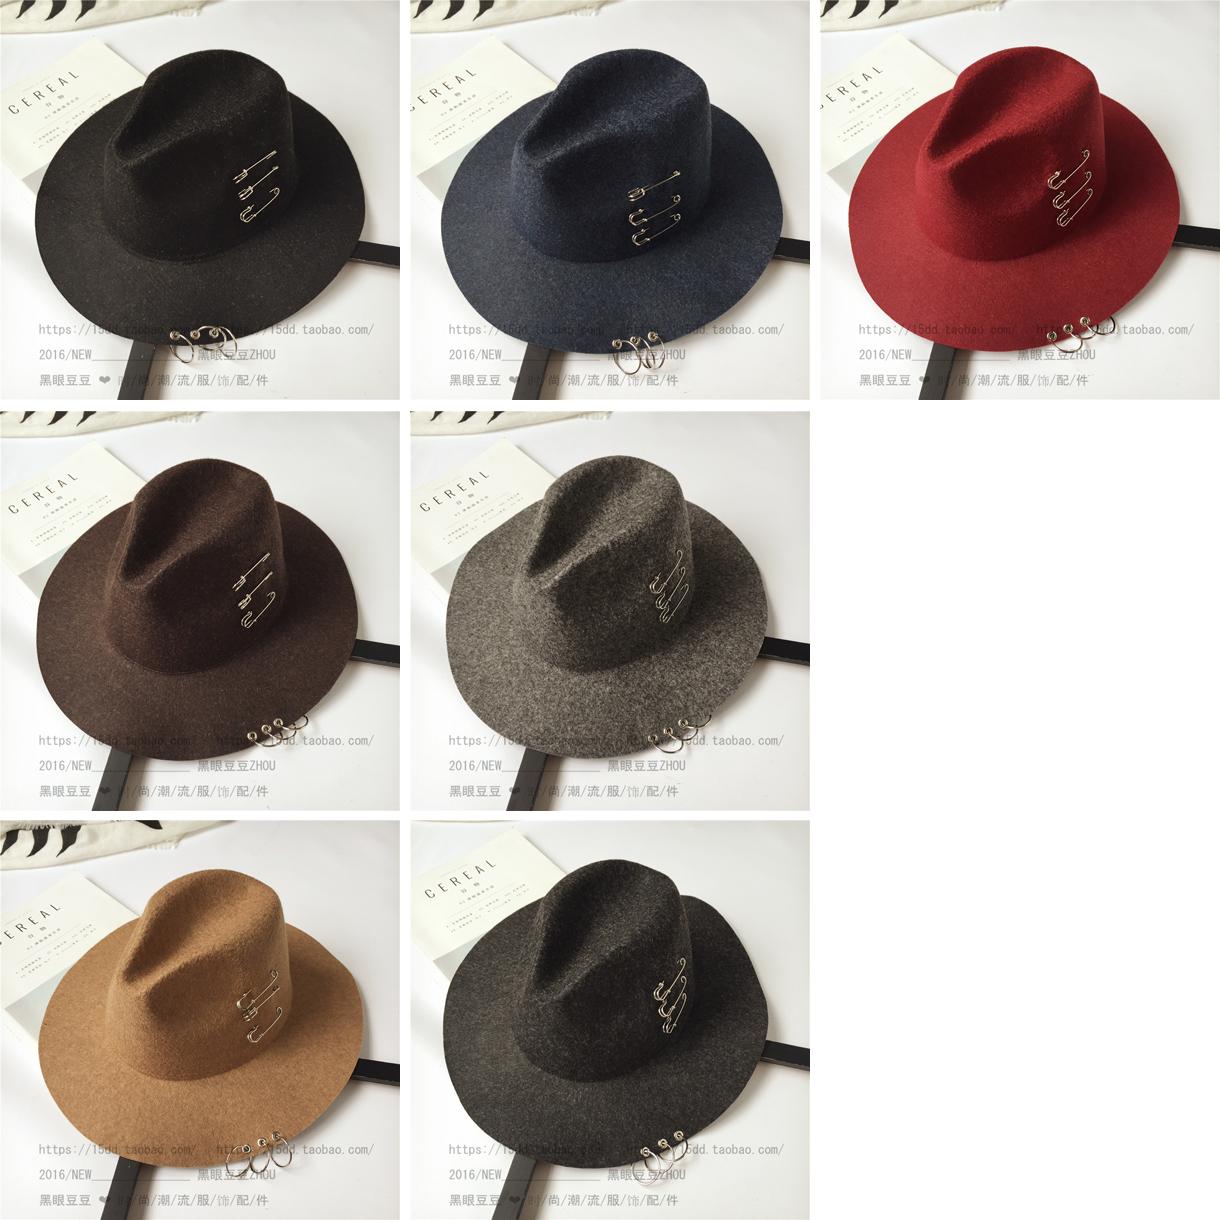 Chapeau pour homme cône en mélange de laine - Ref 1926046 Image 8